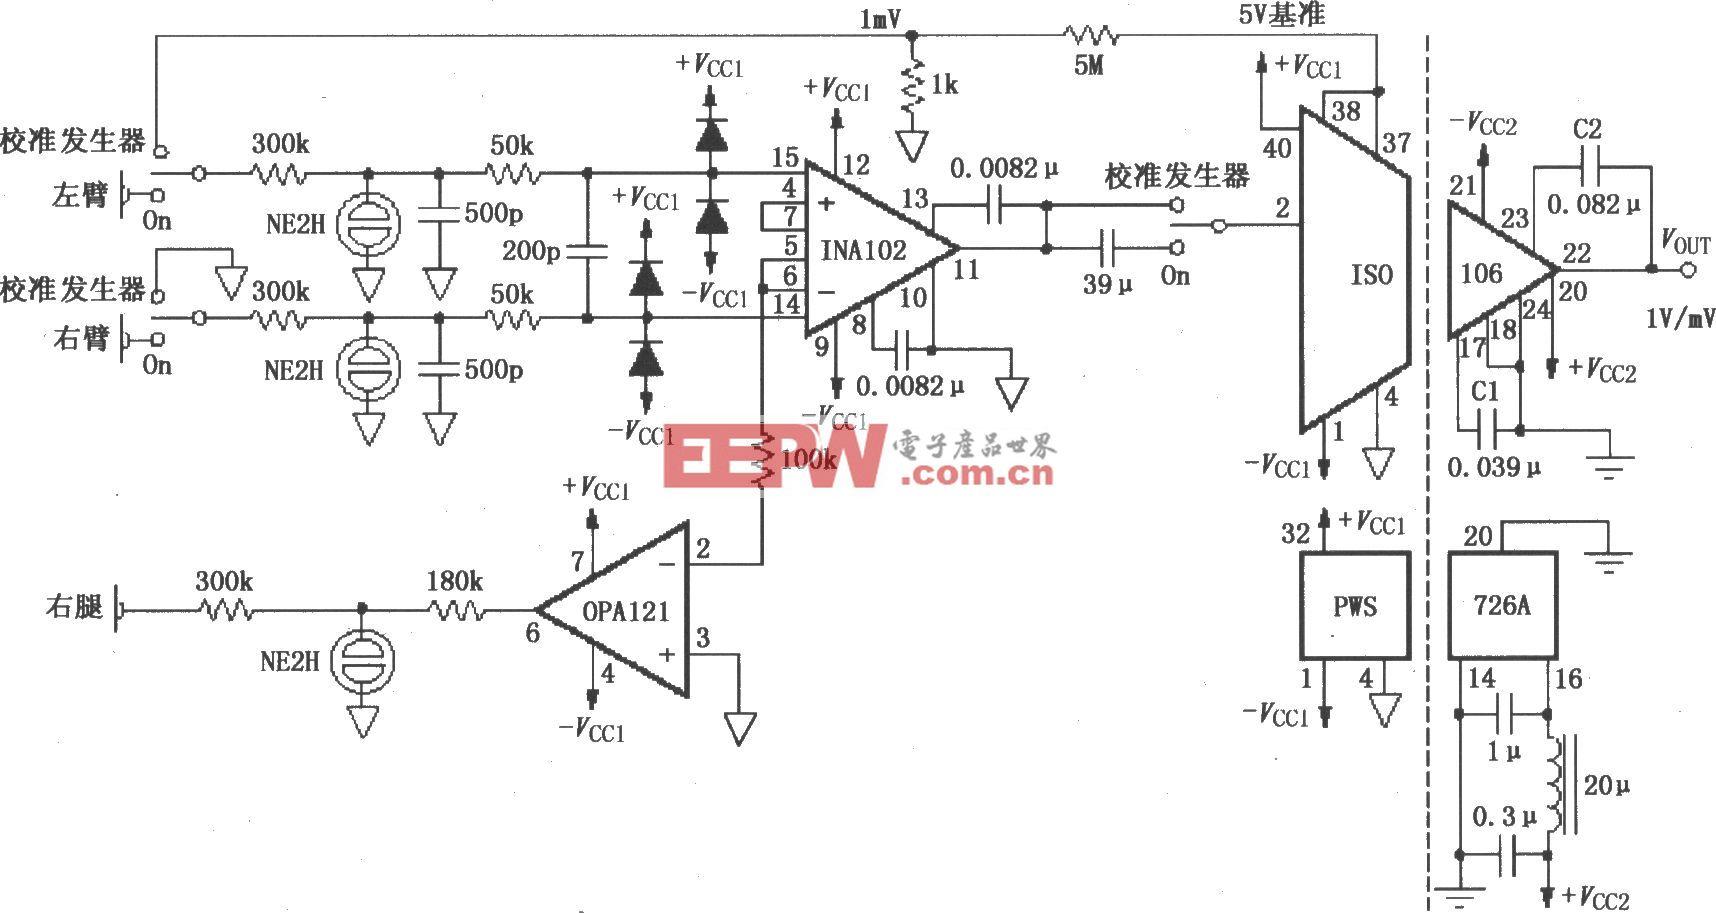 具有电击除颤器保护和校准器的右腿驱动EGC放大电路(ISO106、INA102)